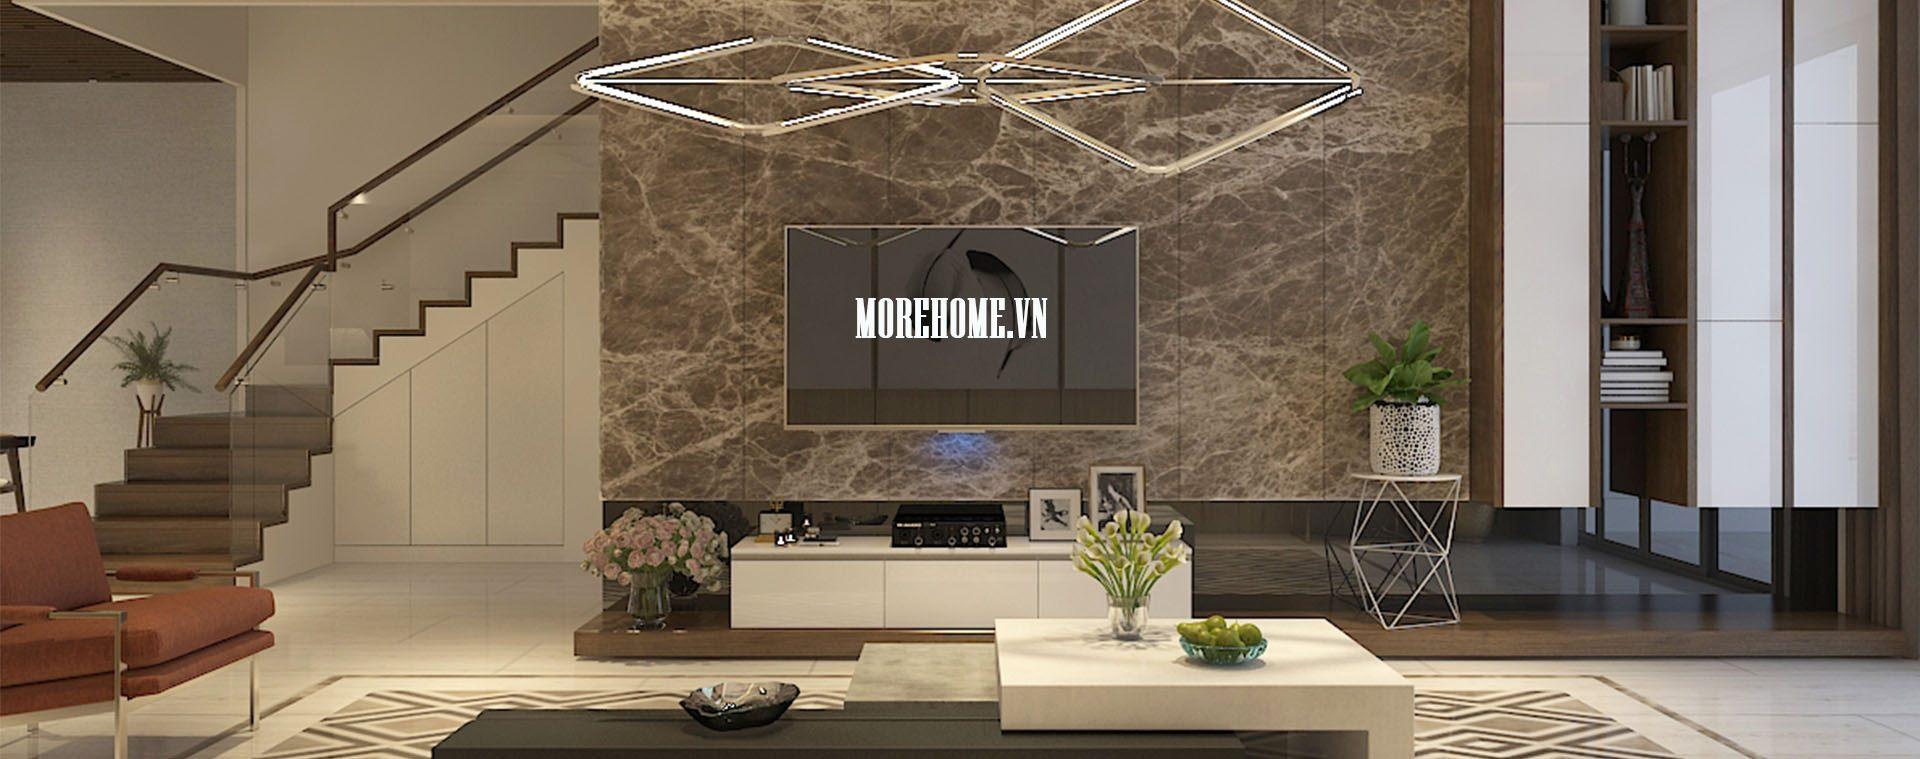 vinhomes-gardeniaaThiết kế nội thấtbiệt thự Vinhomes Gardenia Mỹ Đình, Nam Từ Liêm, HàNội